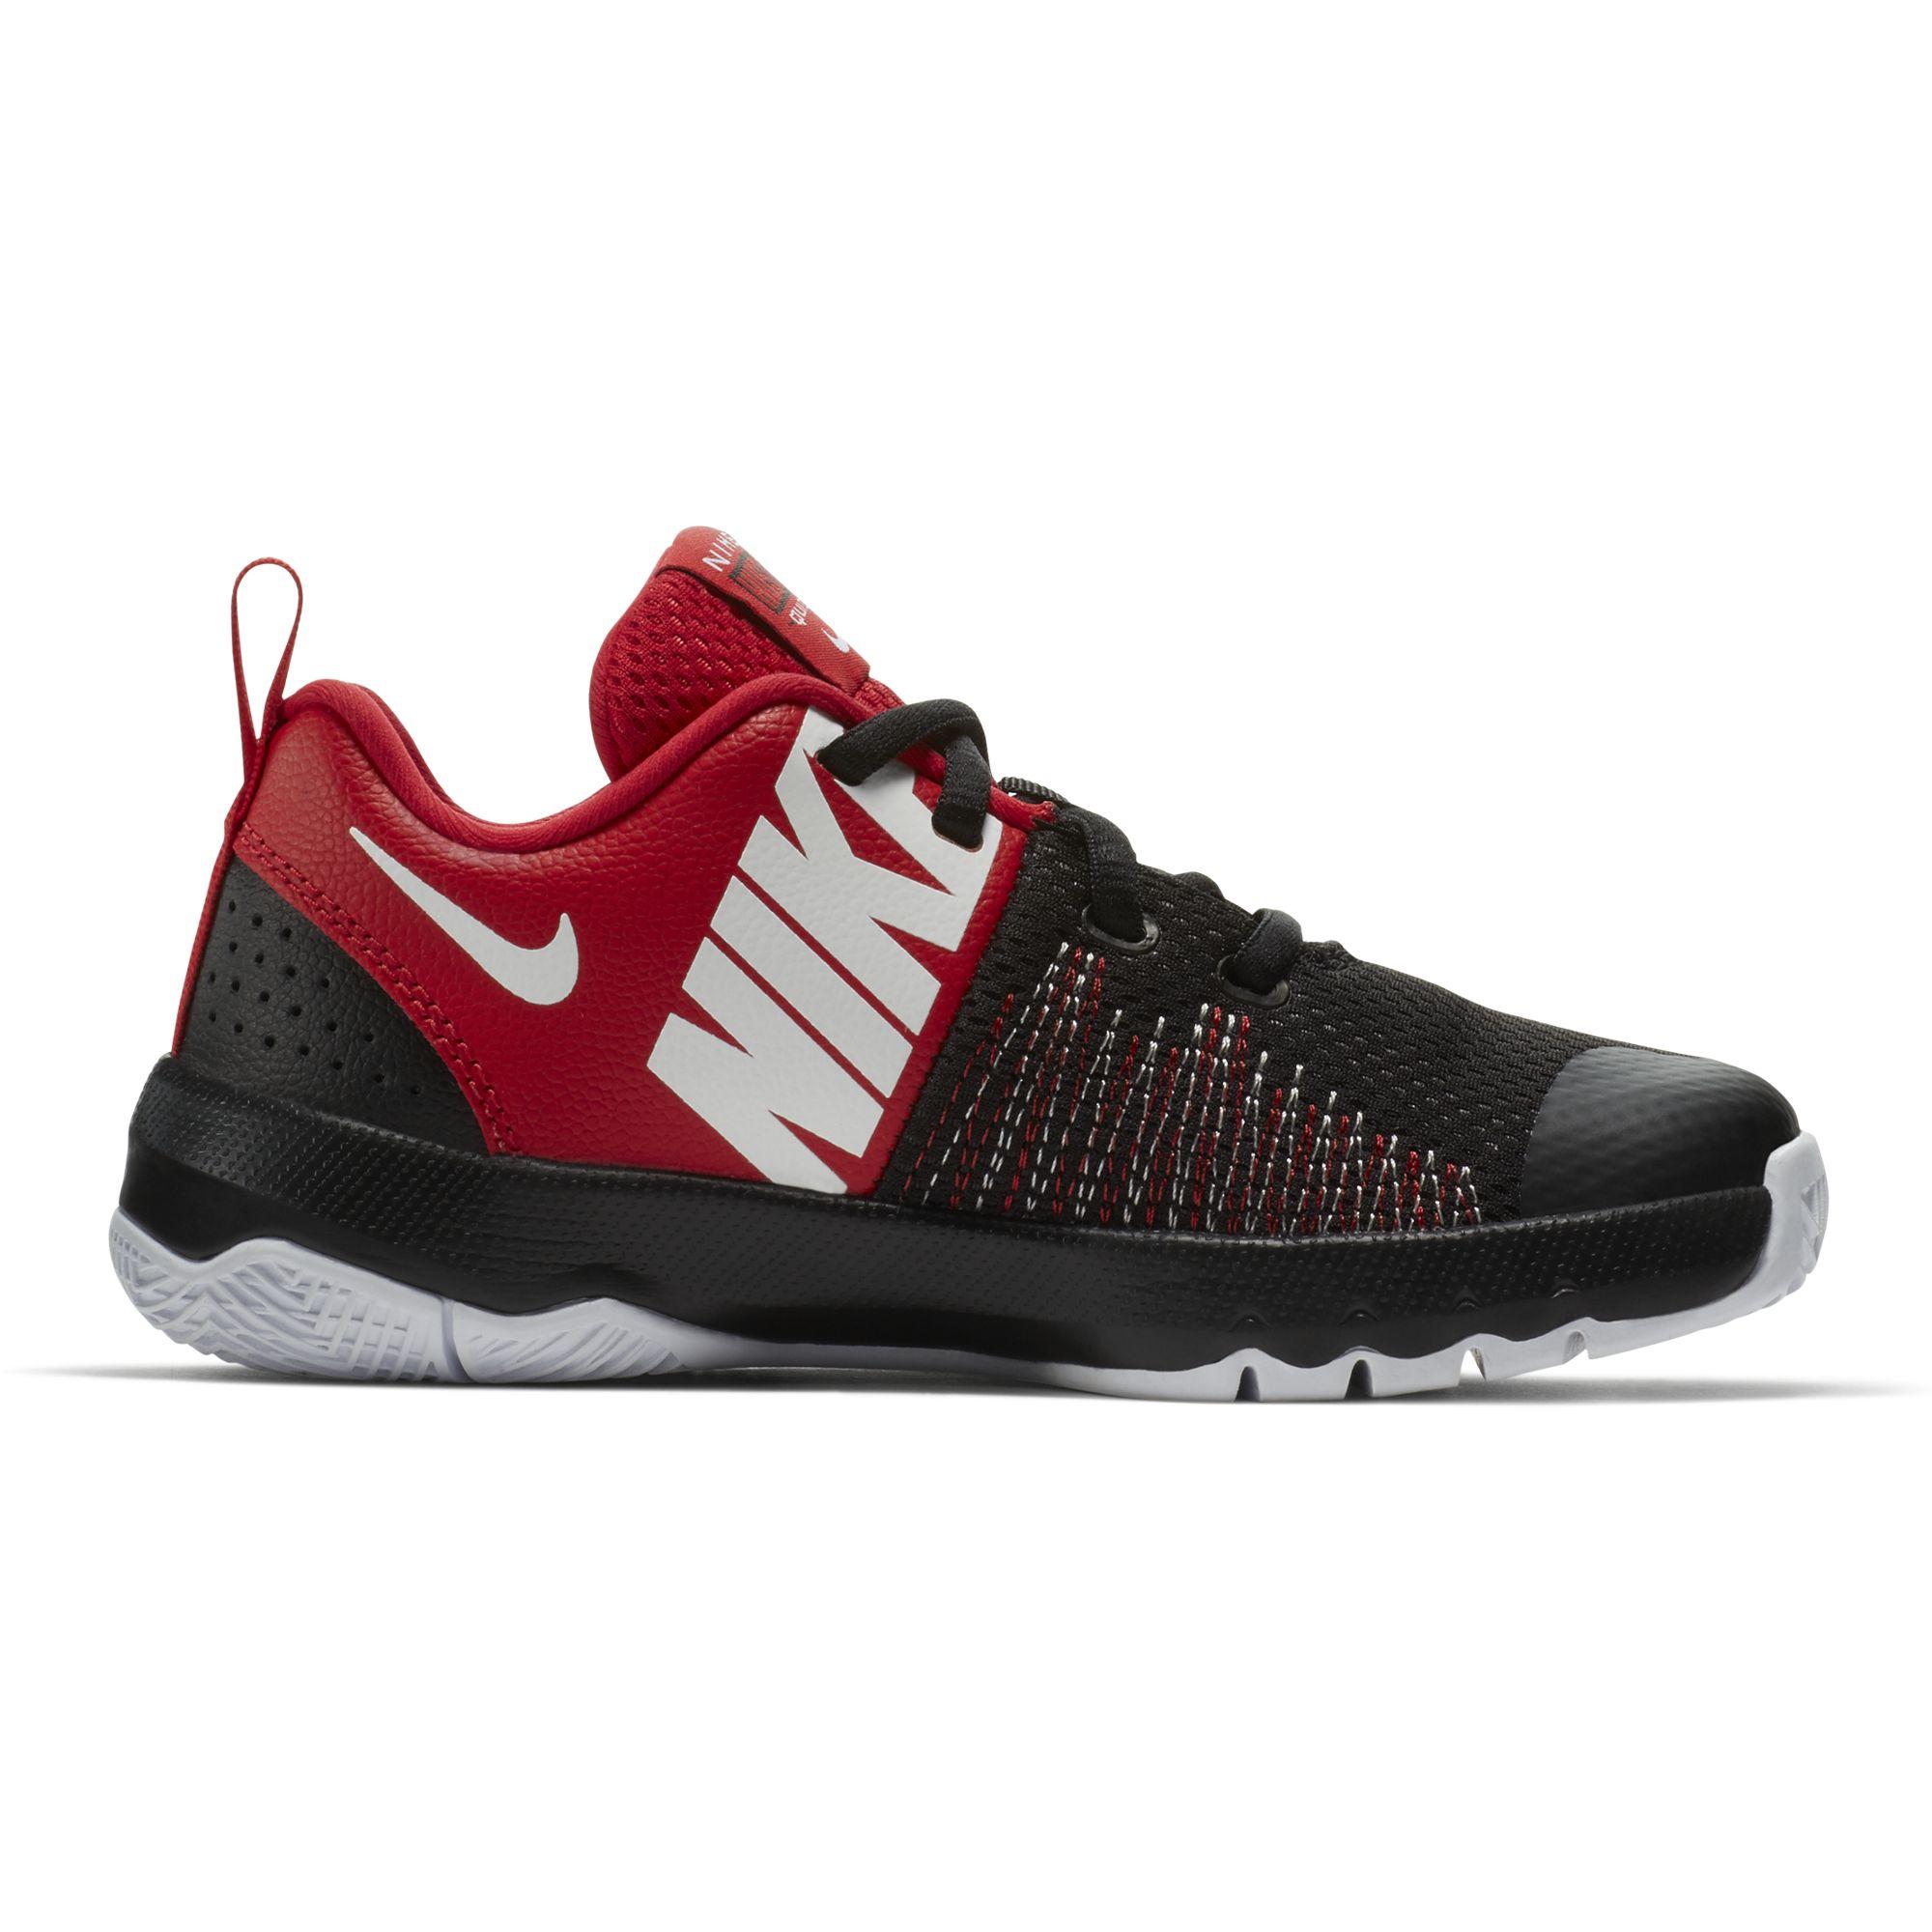 67a82776546501 Details about Boy s Nike Team Hustle Quick (PS) Pre-School Shoe